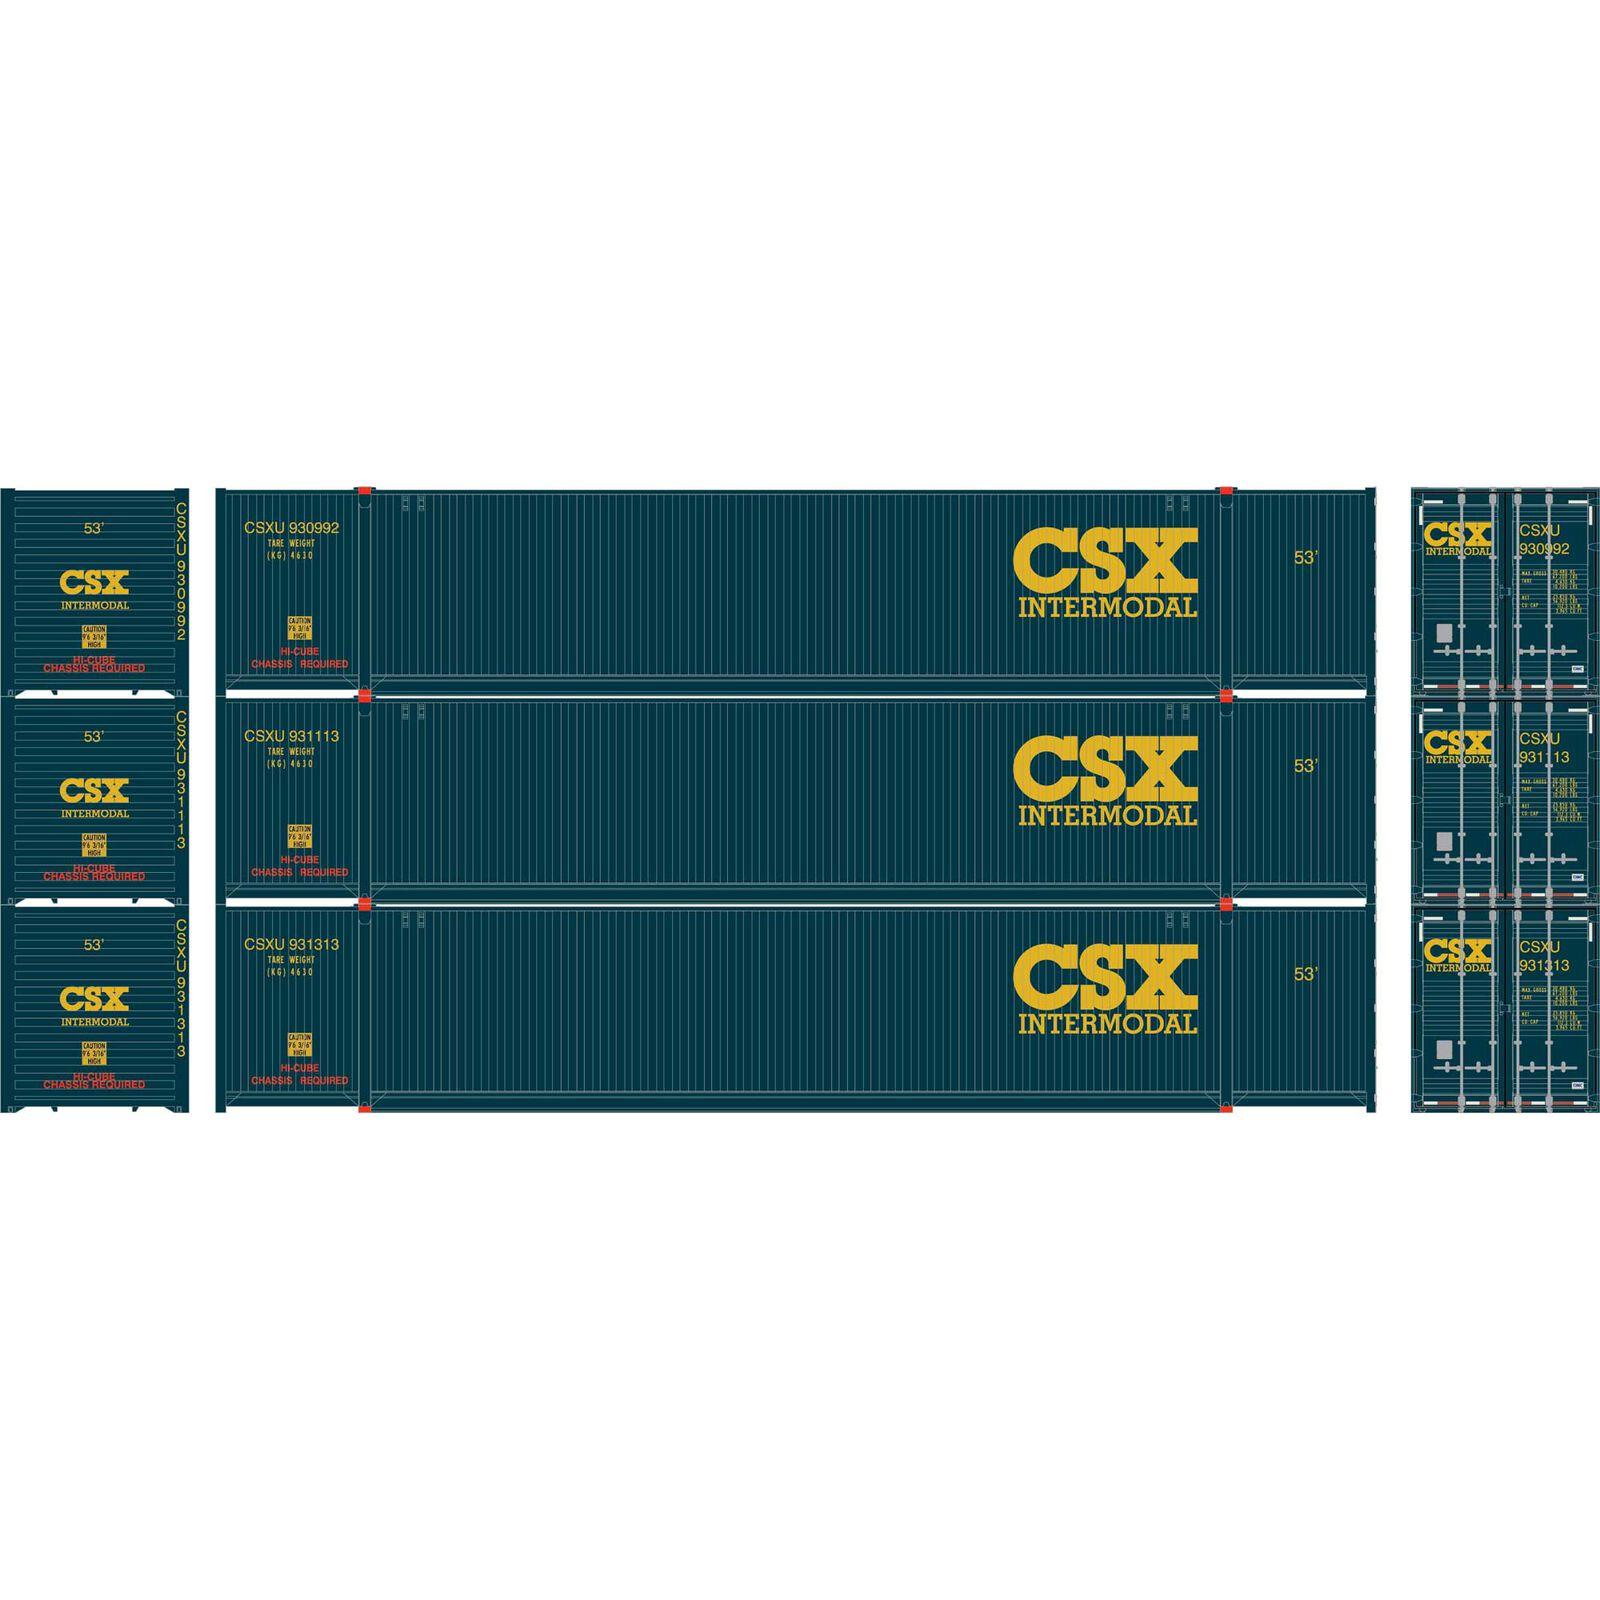 N 53' CIMC Container, CSX #1 (3)